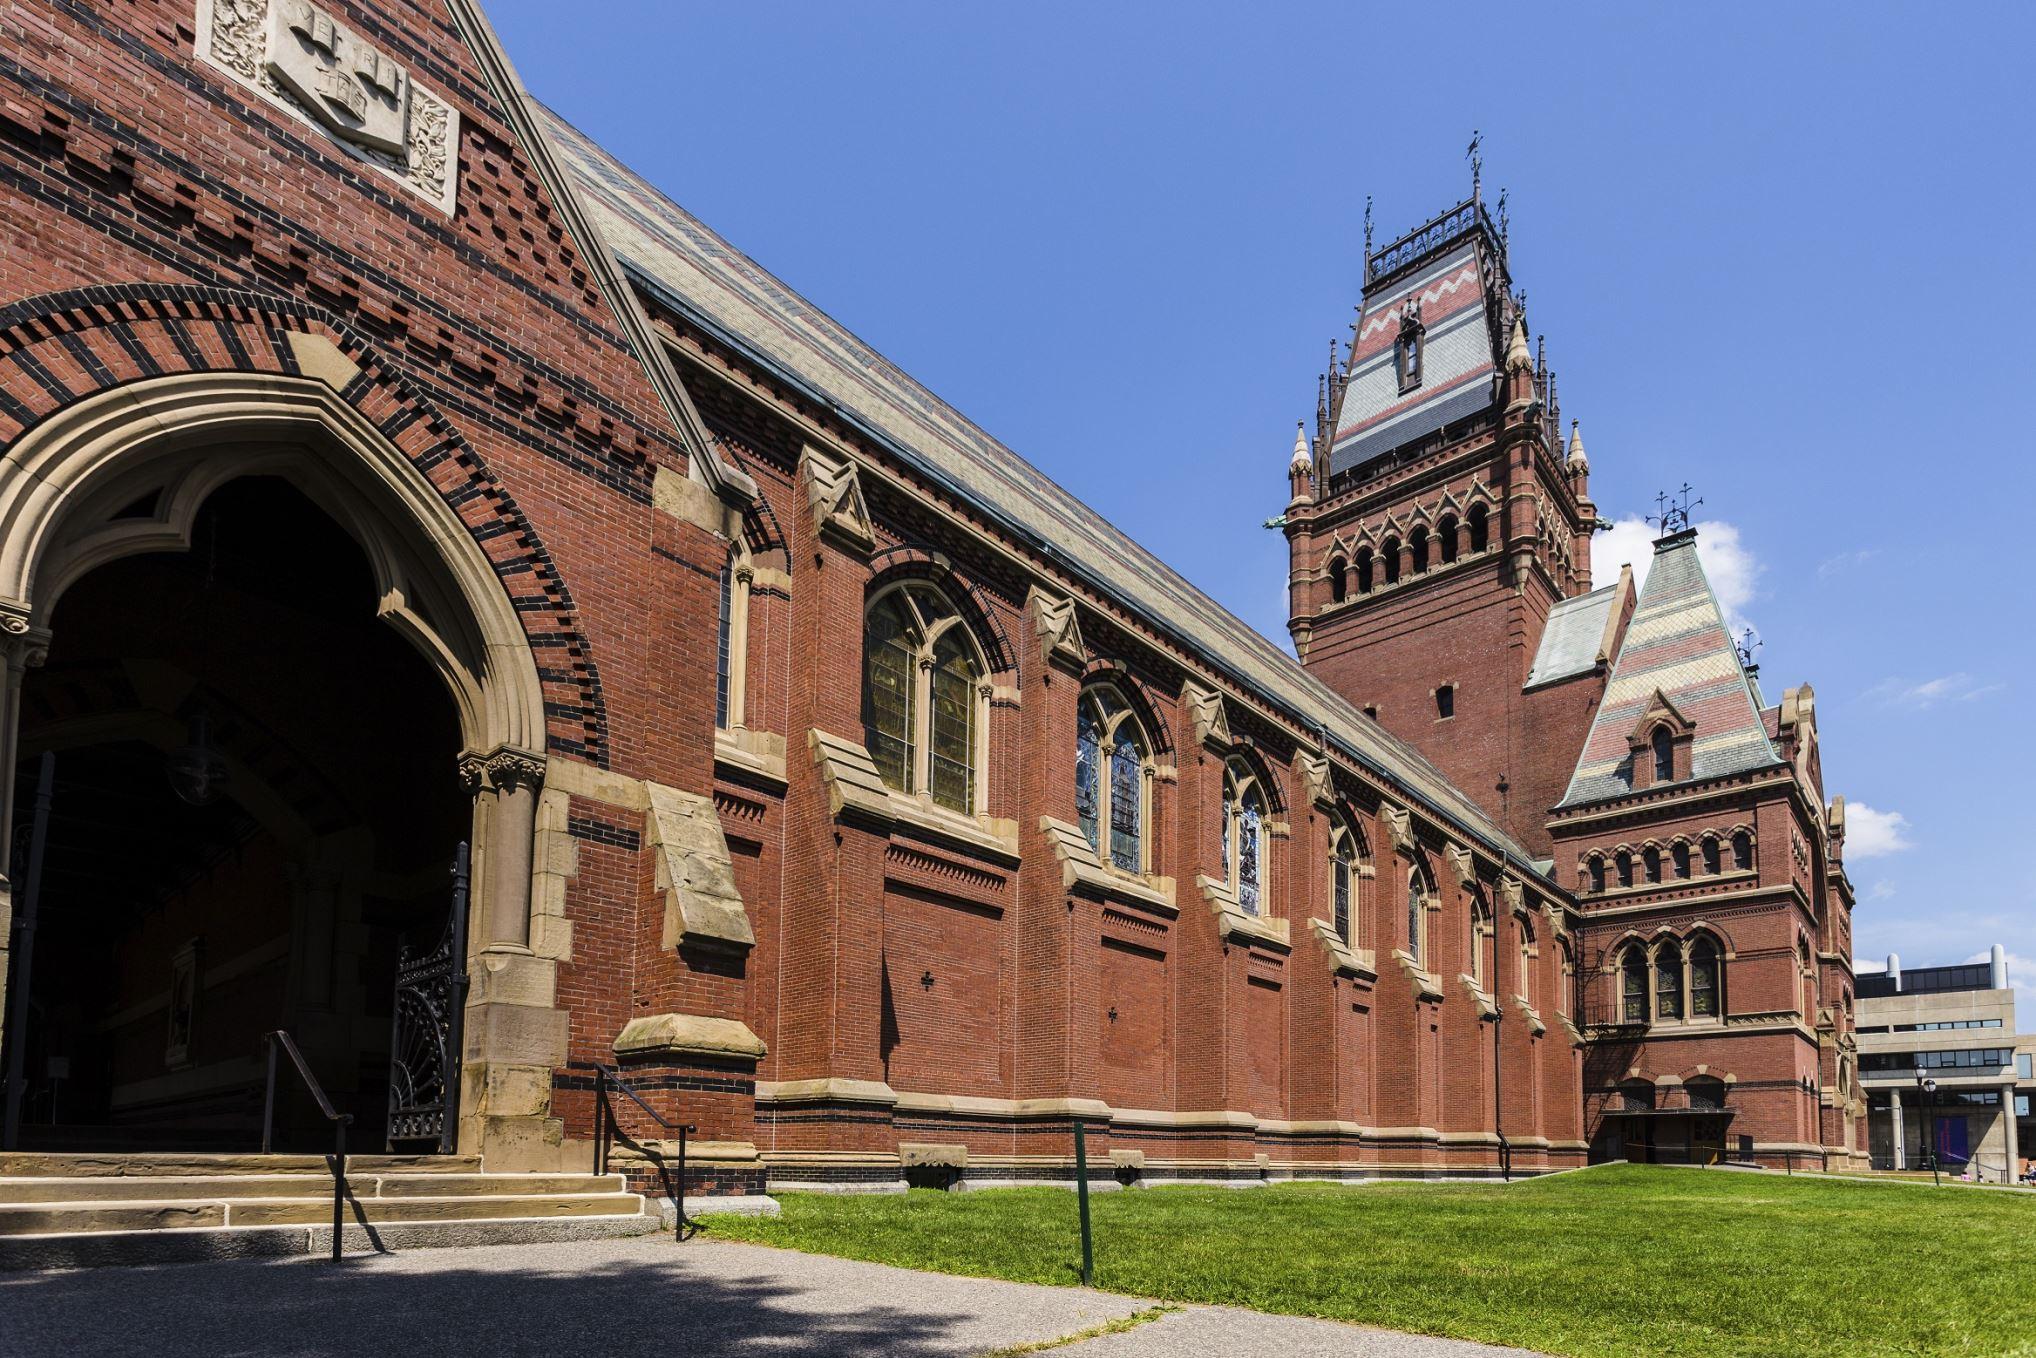 Διαφάνεια 38 από 41: Ranked at seventh place in America's Top Colleges by Forbes, Harvard is widely regarded as one of the most prestigious universities in the world. It was established in 1636, and has produced 22 billionaire graduates.